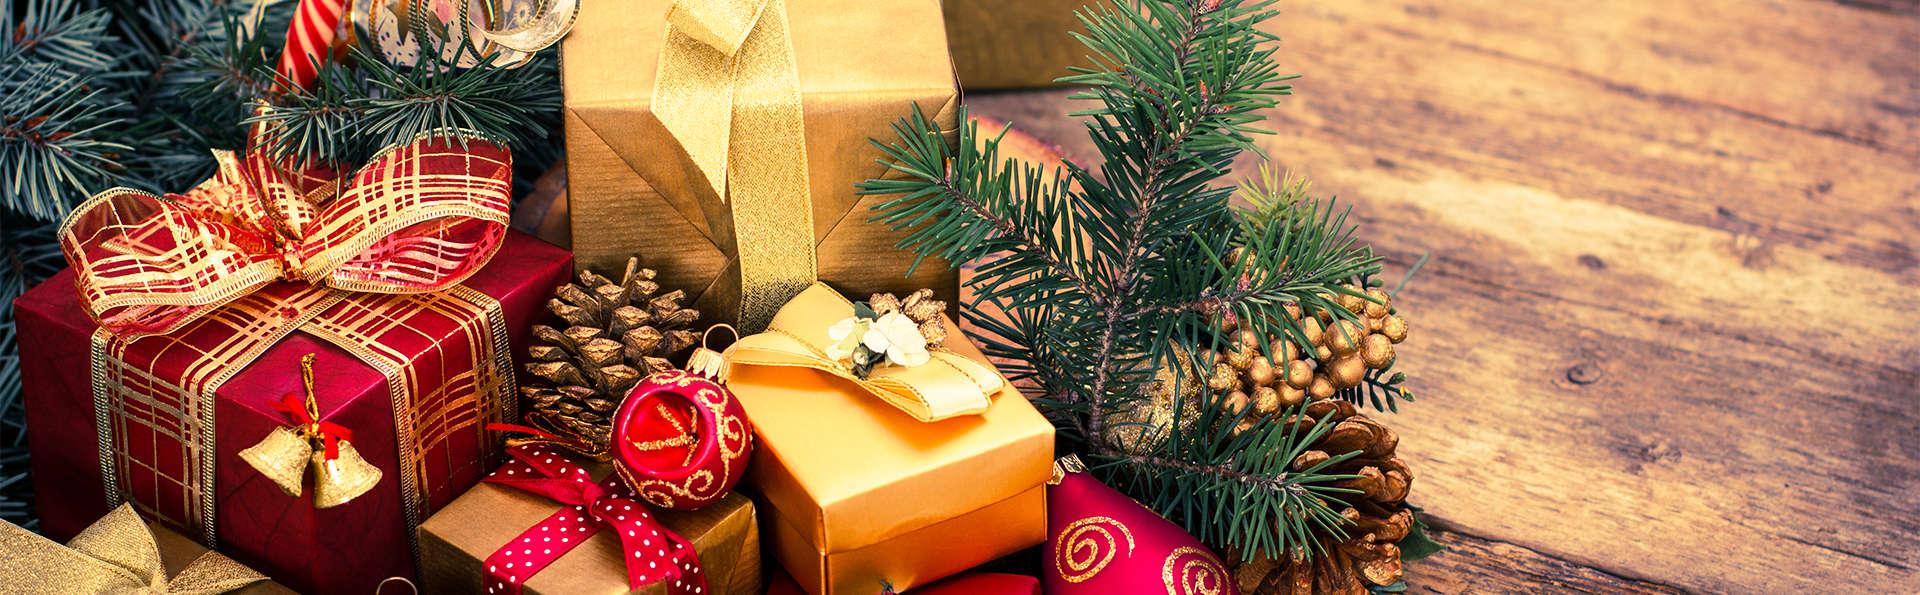 Magie de Noël au cœur de Strasbourg